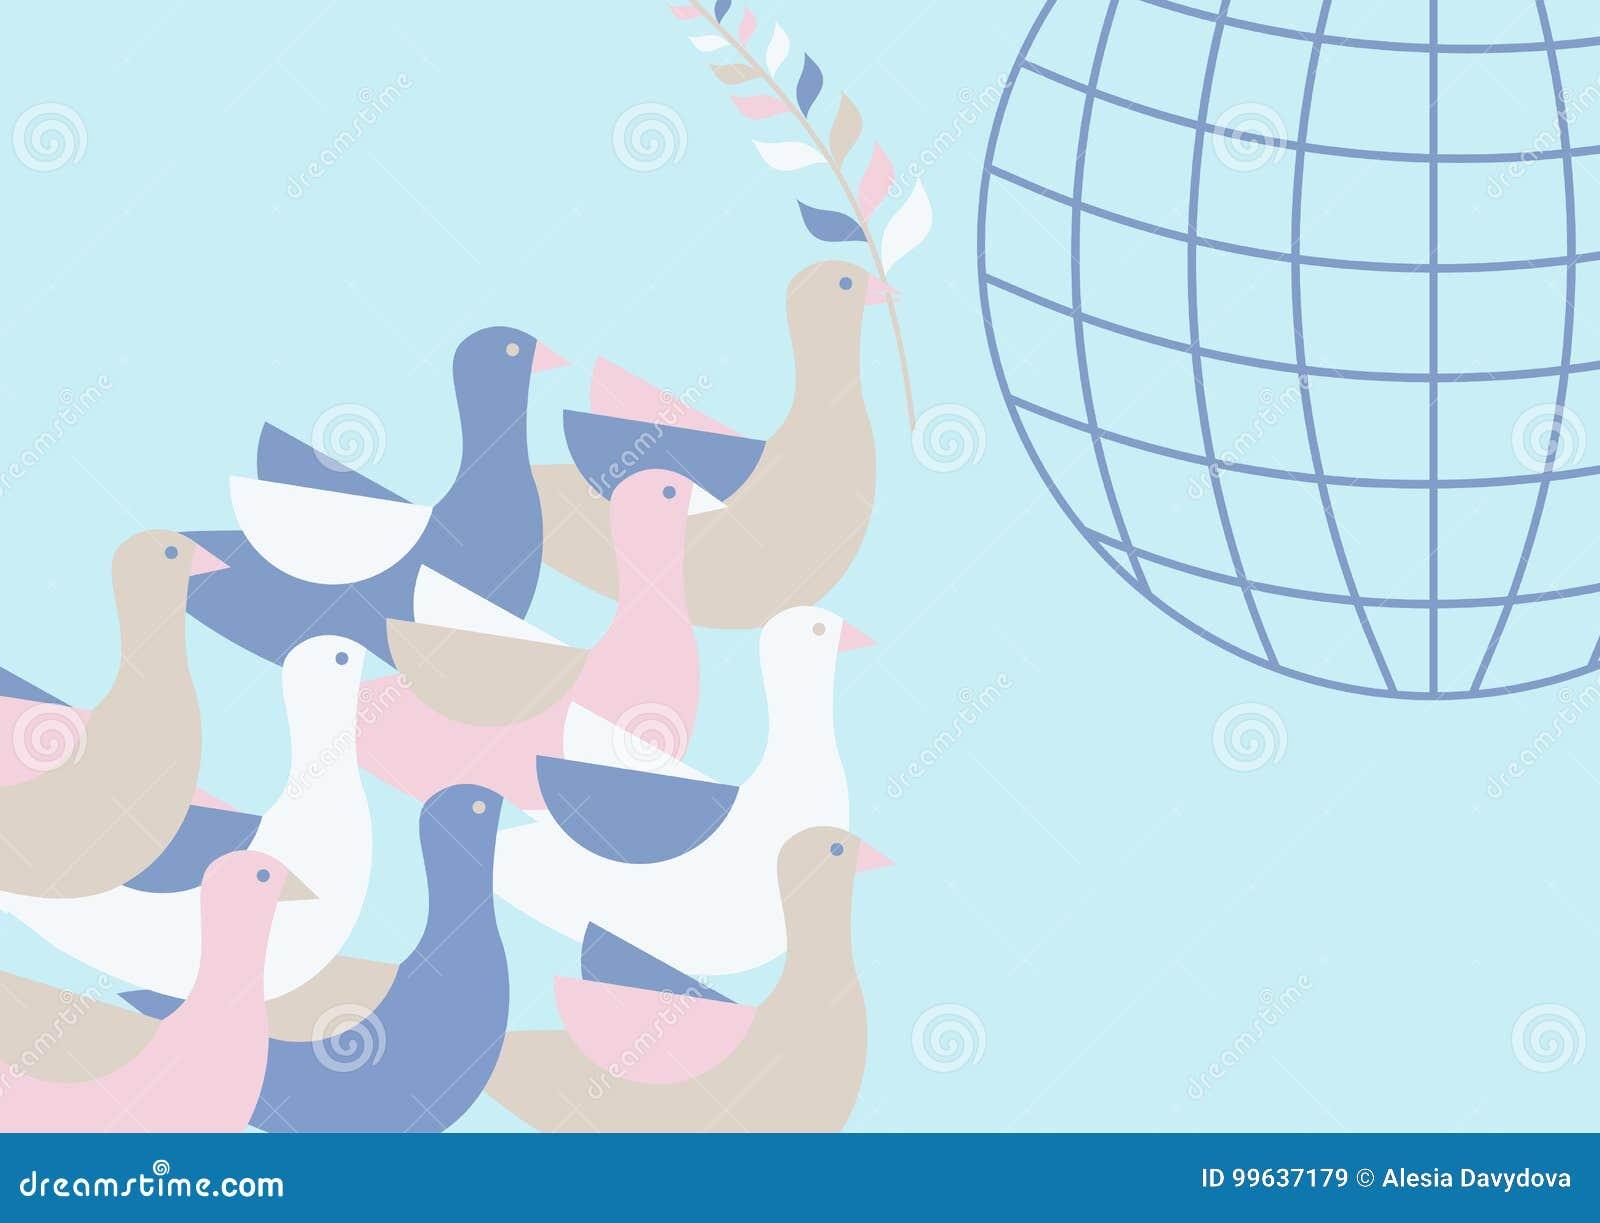 Duiven die in de hemel boven de grond vliegen Een olijftak in de bek van een vogel Model van de aarde